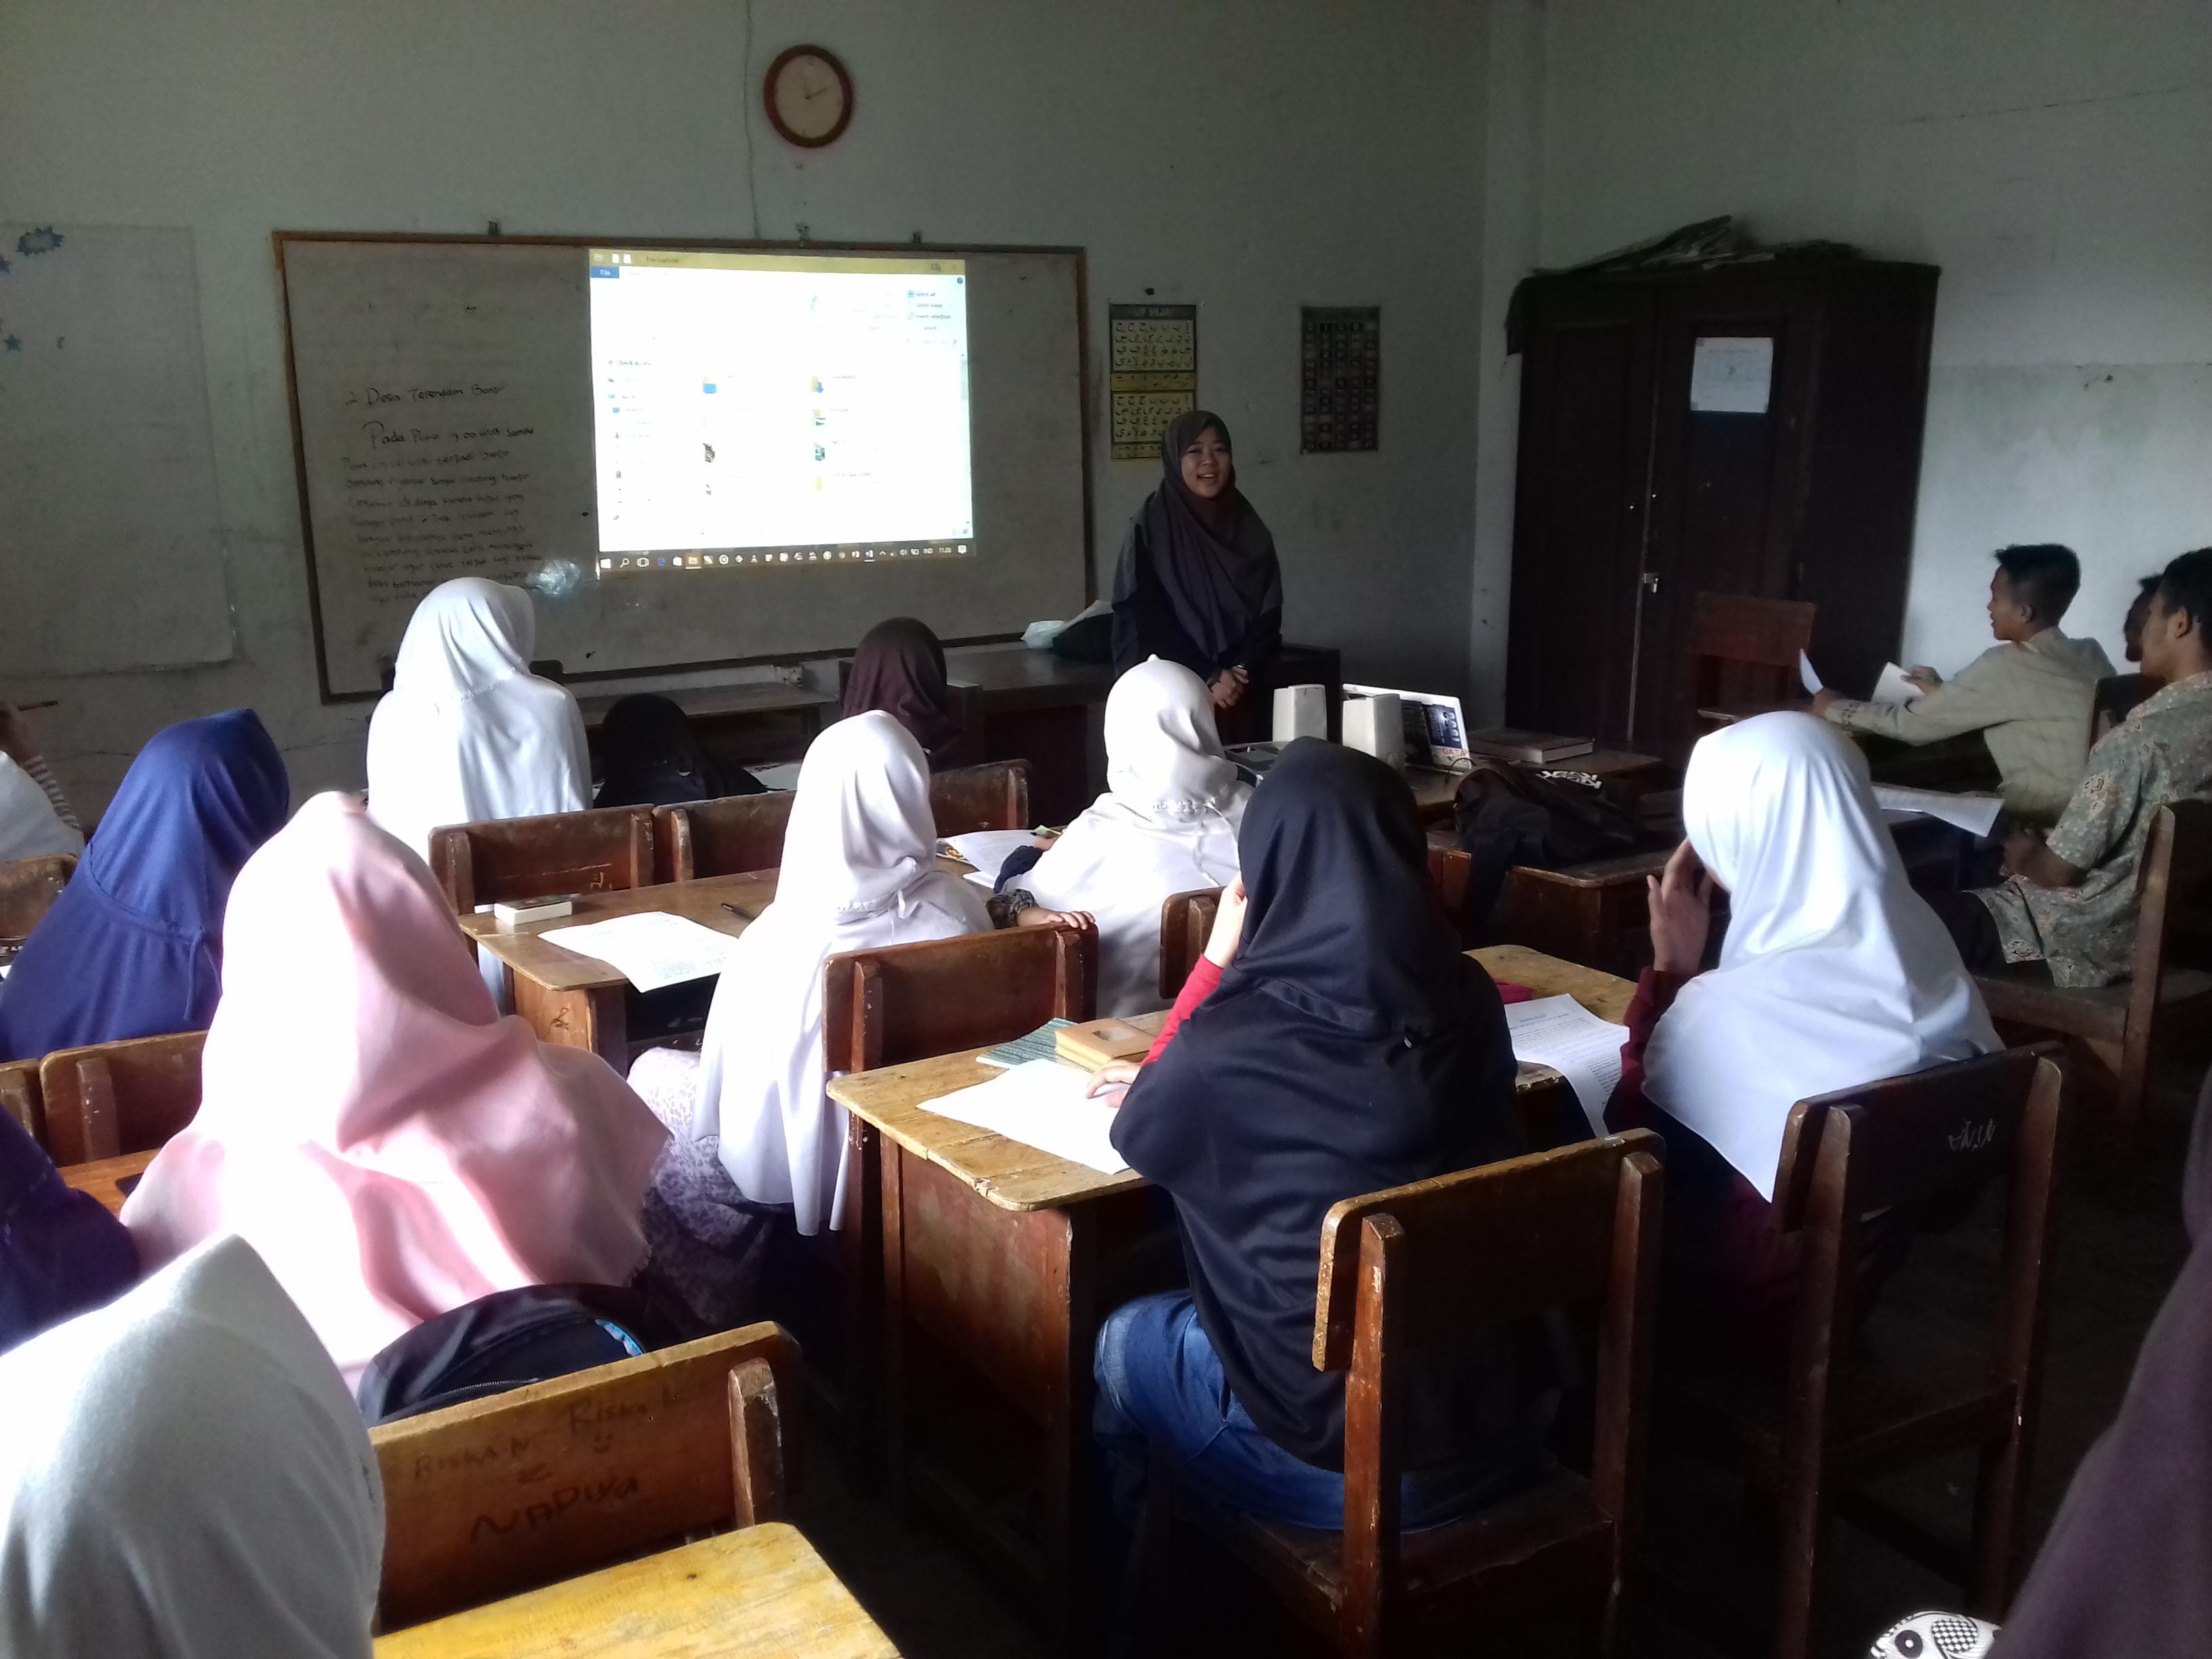 Mahasiswa KKN STAI Al-Fatah Gagas Pembentukan Mading di Ponpes Nurul Falah